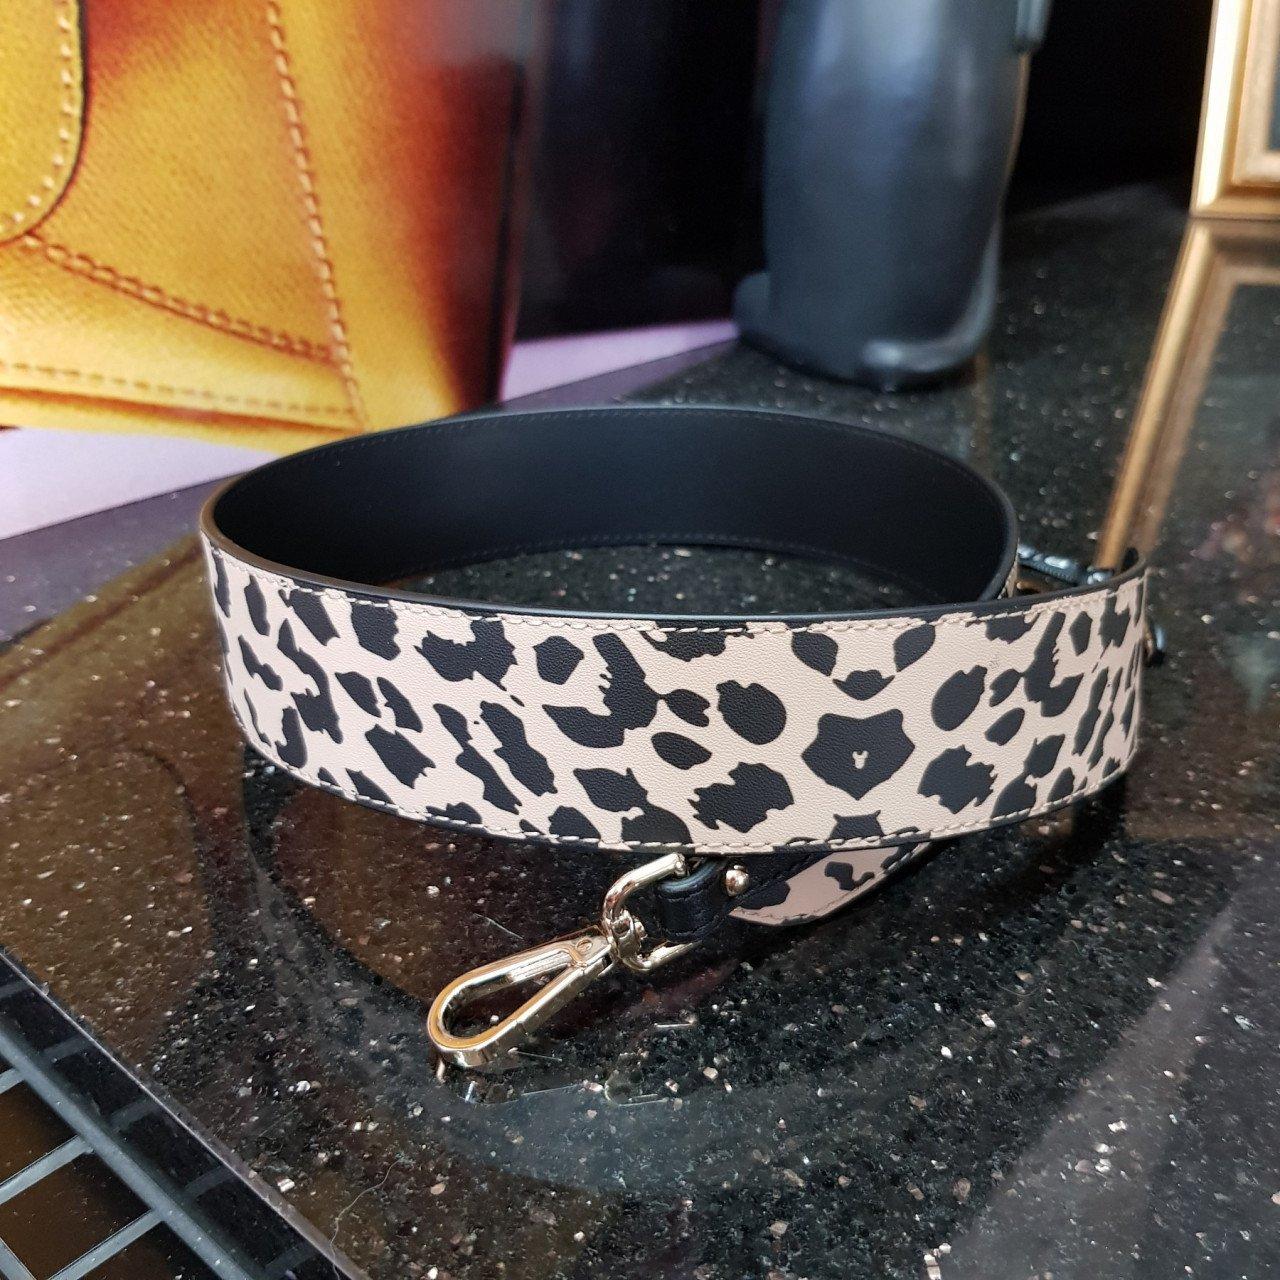 Кожаный ремень для сумки Cromia 9000186 CAMMELLO из натуральной кожи